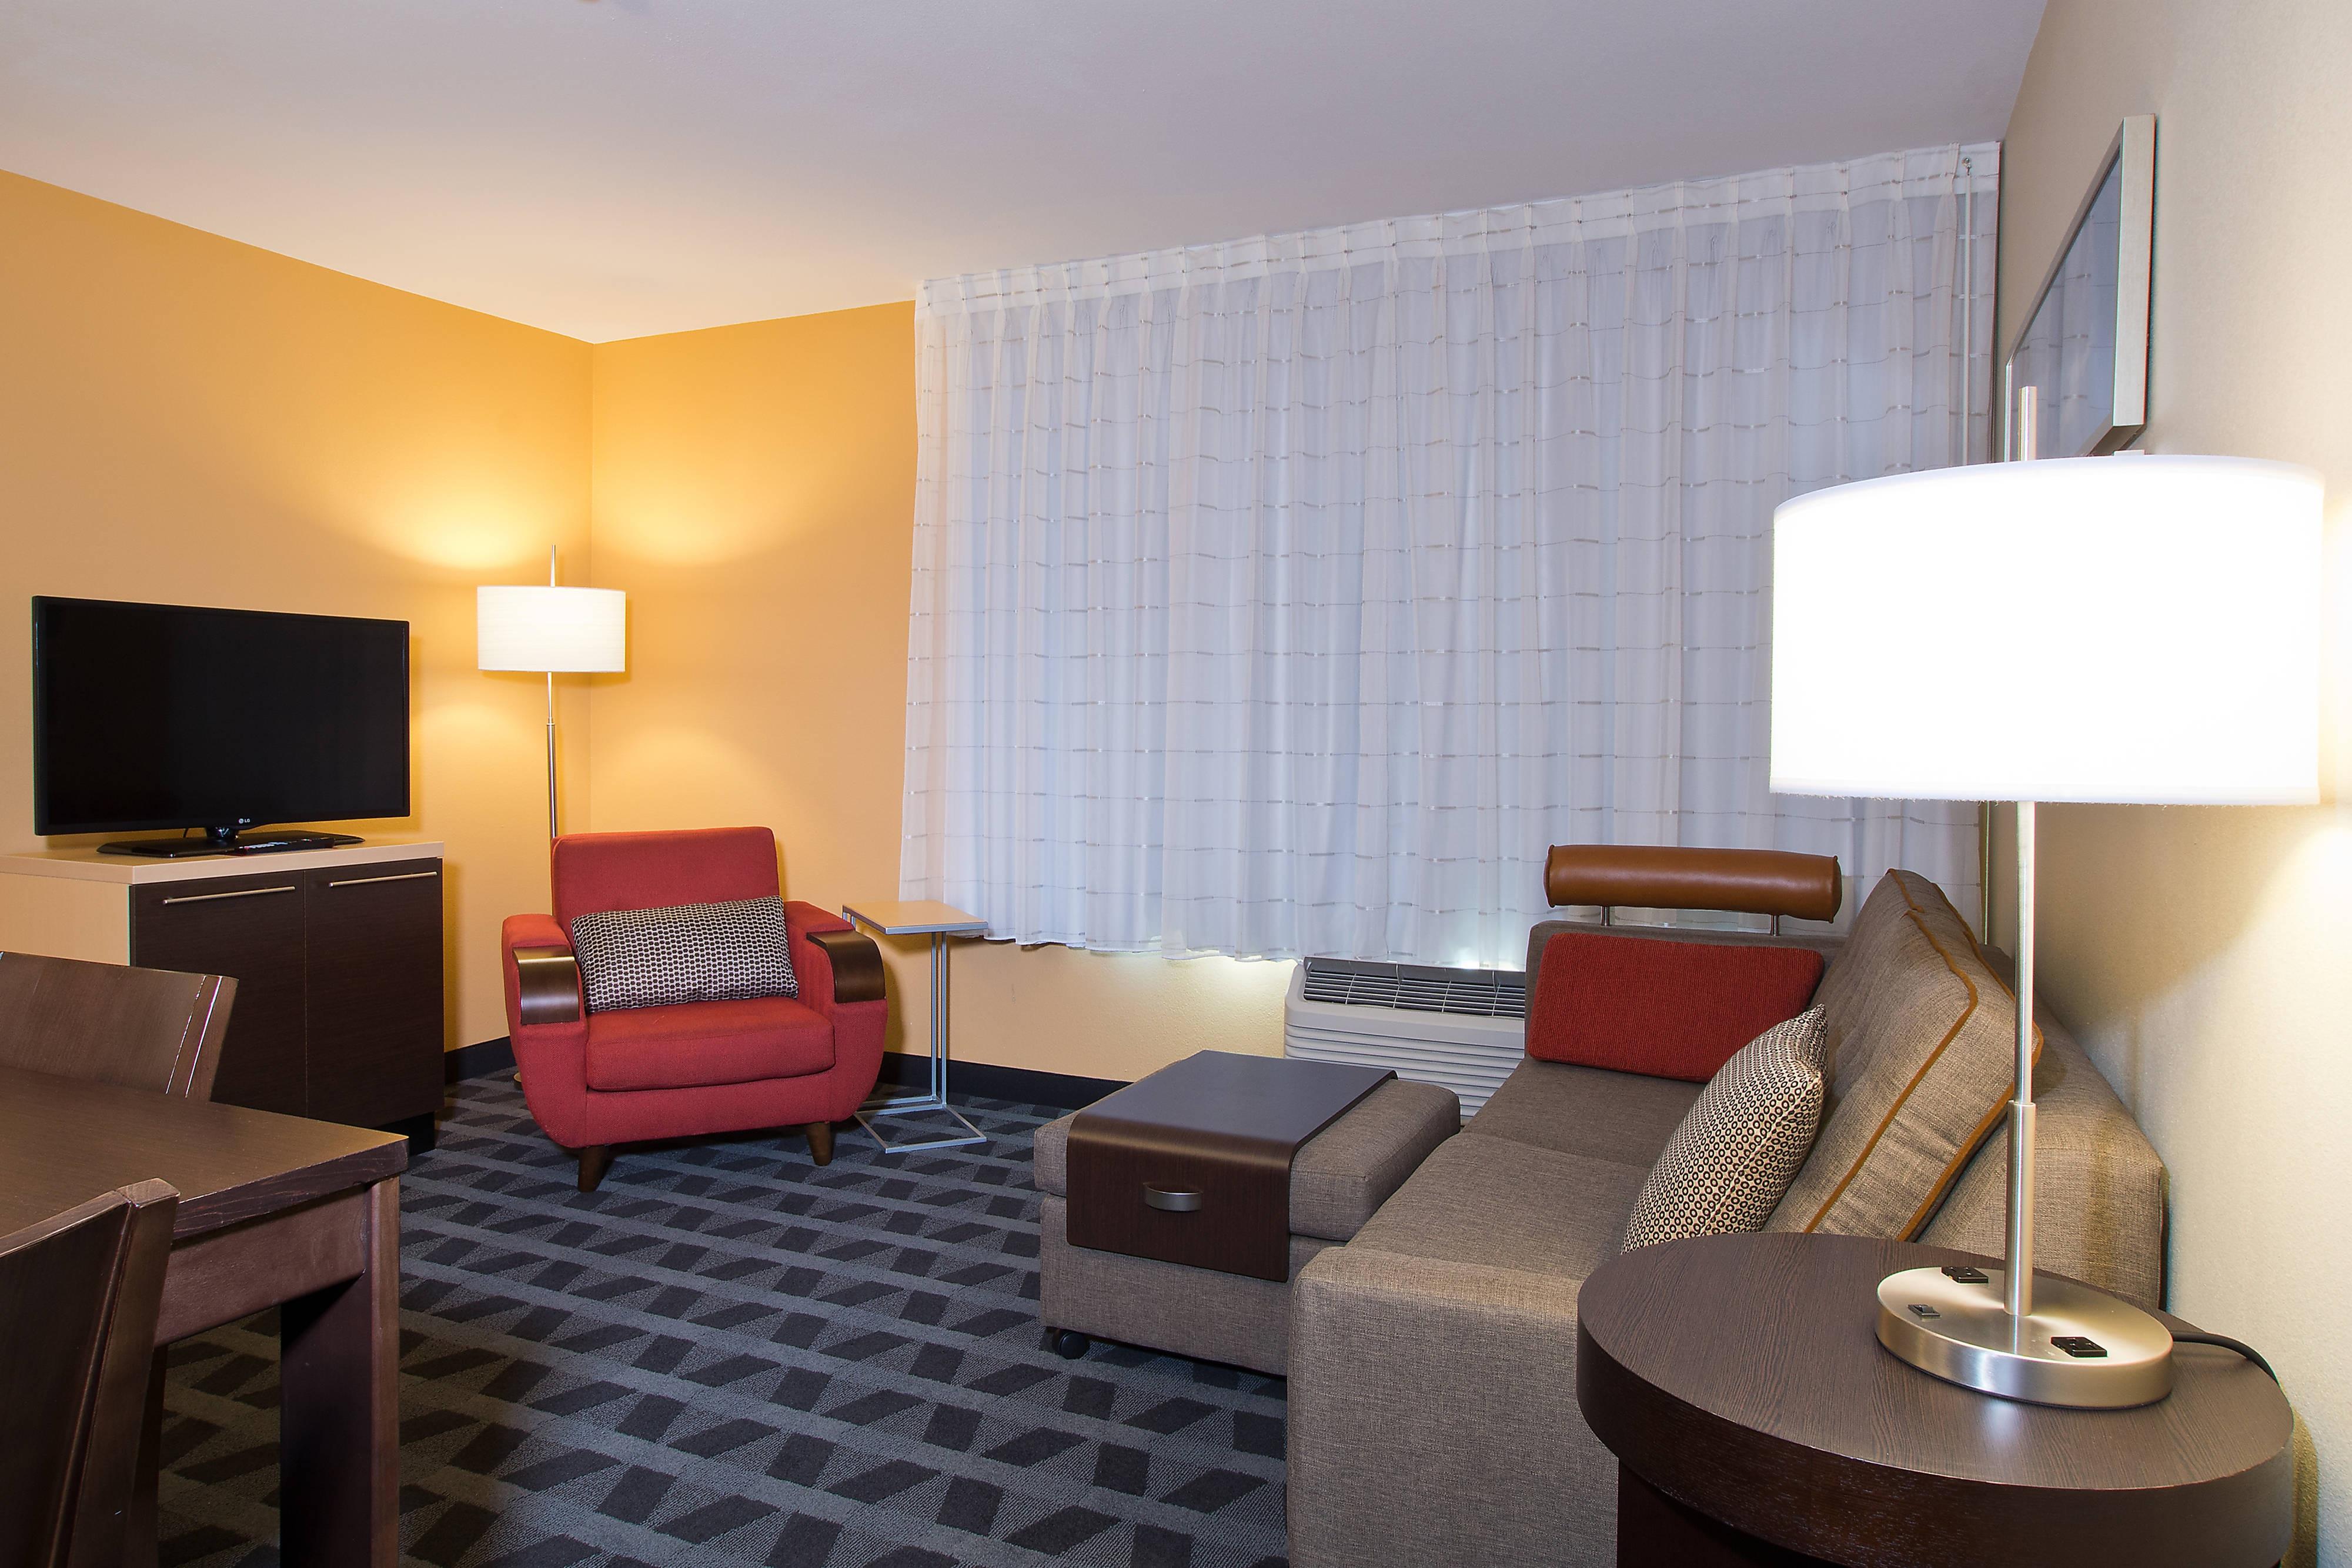 Suite de uno y dos dormitorios - Sala de estar